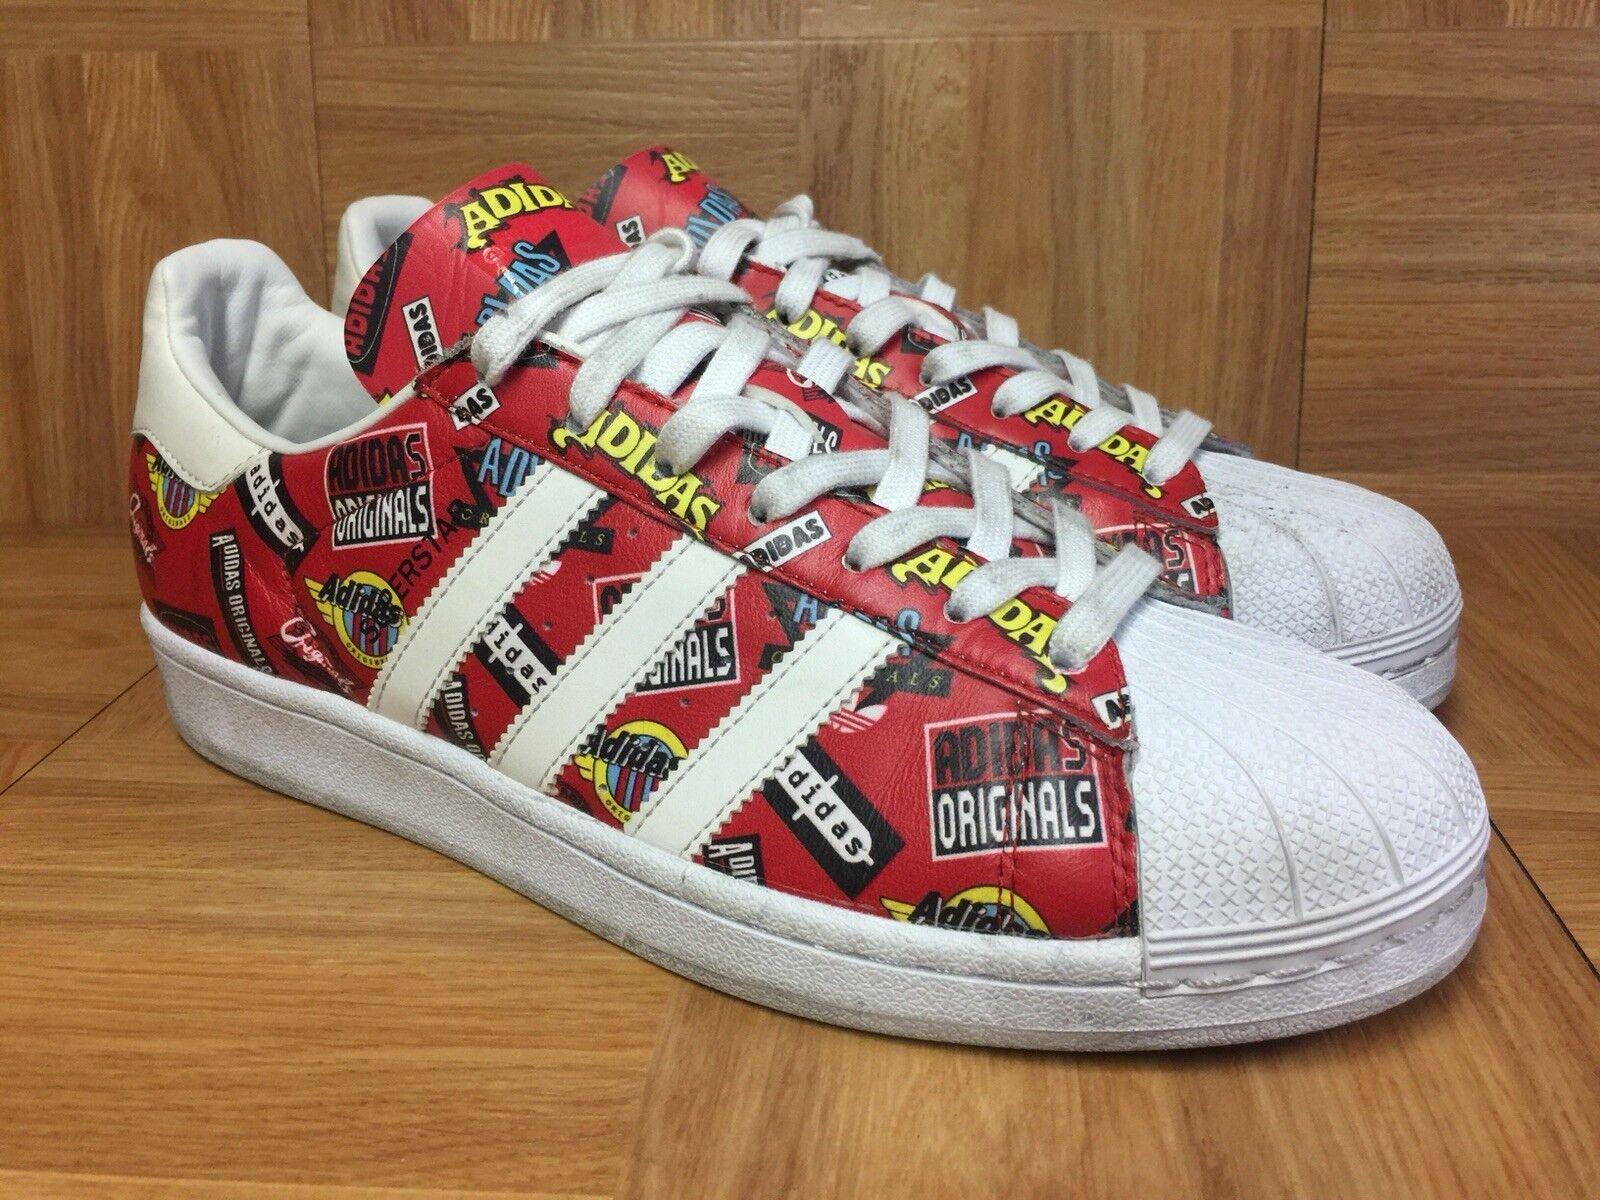 RARE Adidas Originals Superstar NIGO All Around Print Sz 8.5 S83388 Men's shoes